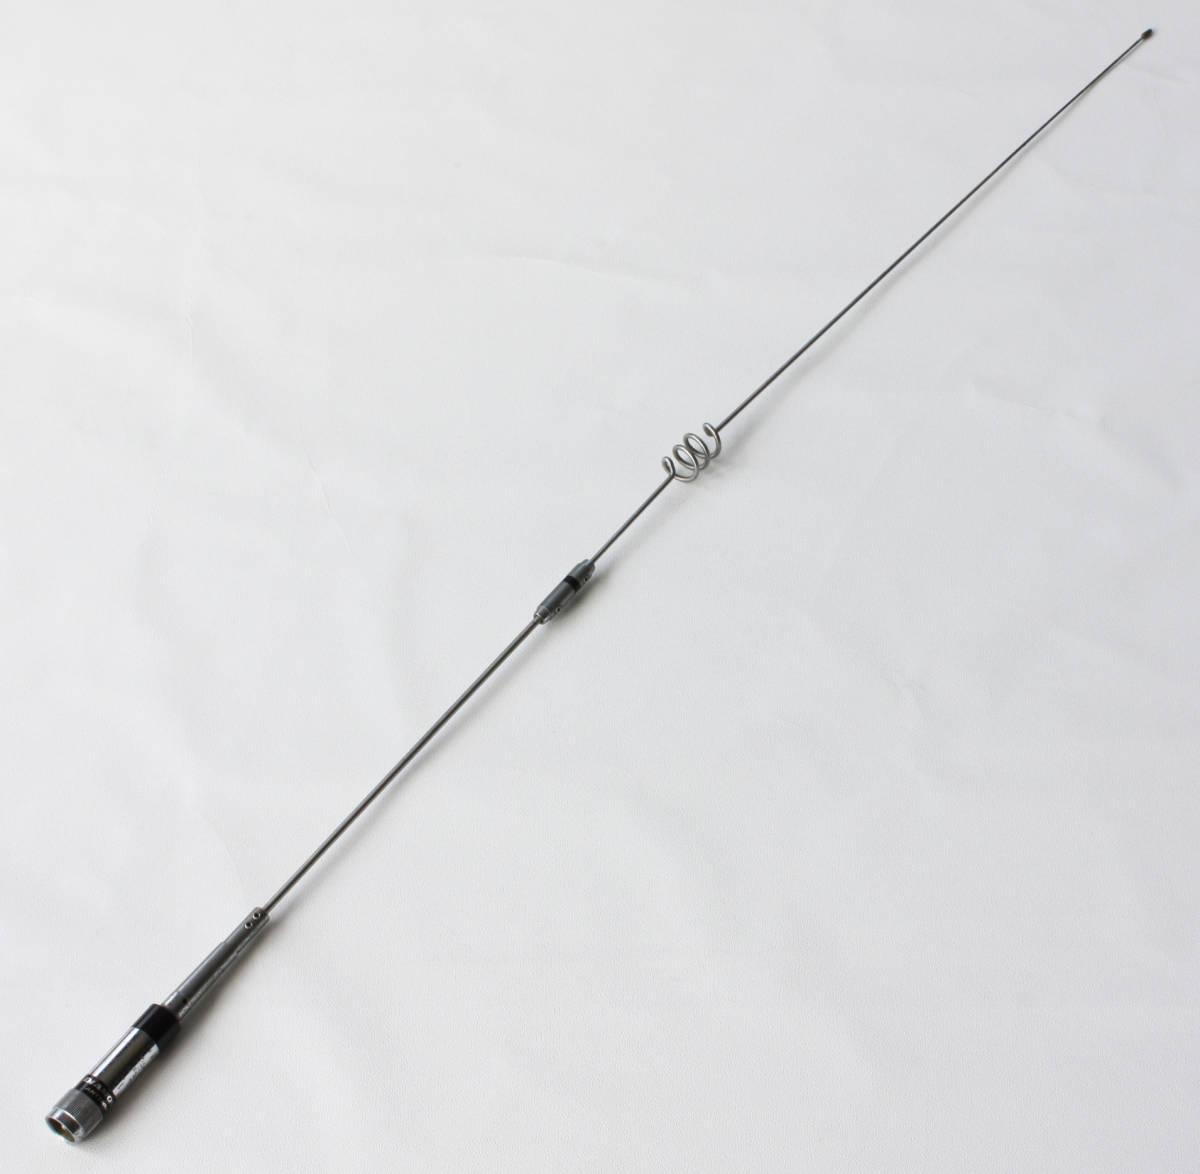 DIAMOND 第一電波工業 DP-NR72M 430MHz帯高利得デュアルゲイン・ノンラジアルモービルアンテナ(レピーター対応型)(DIGITAL対応)